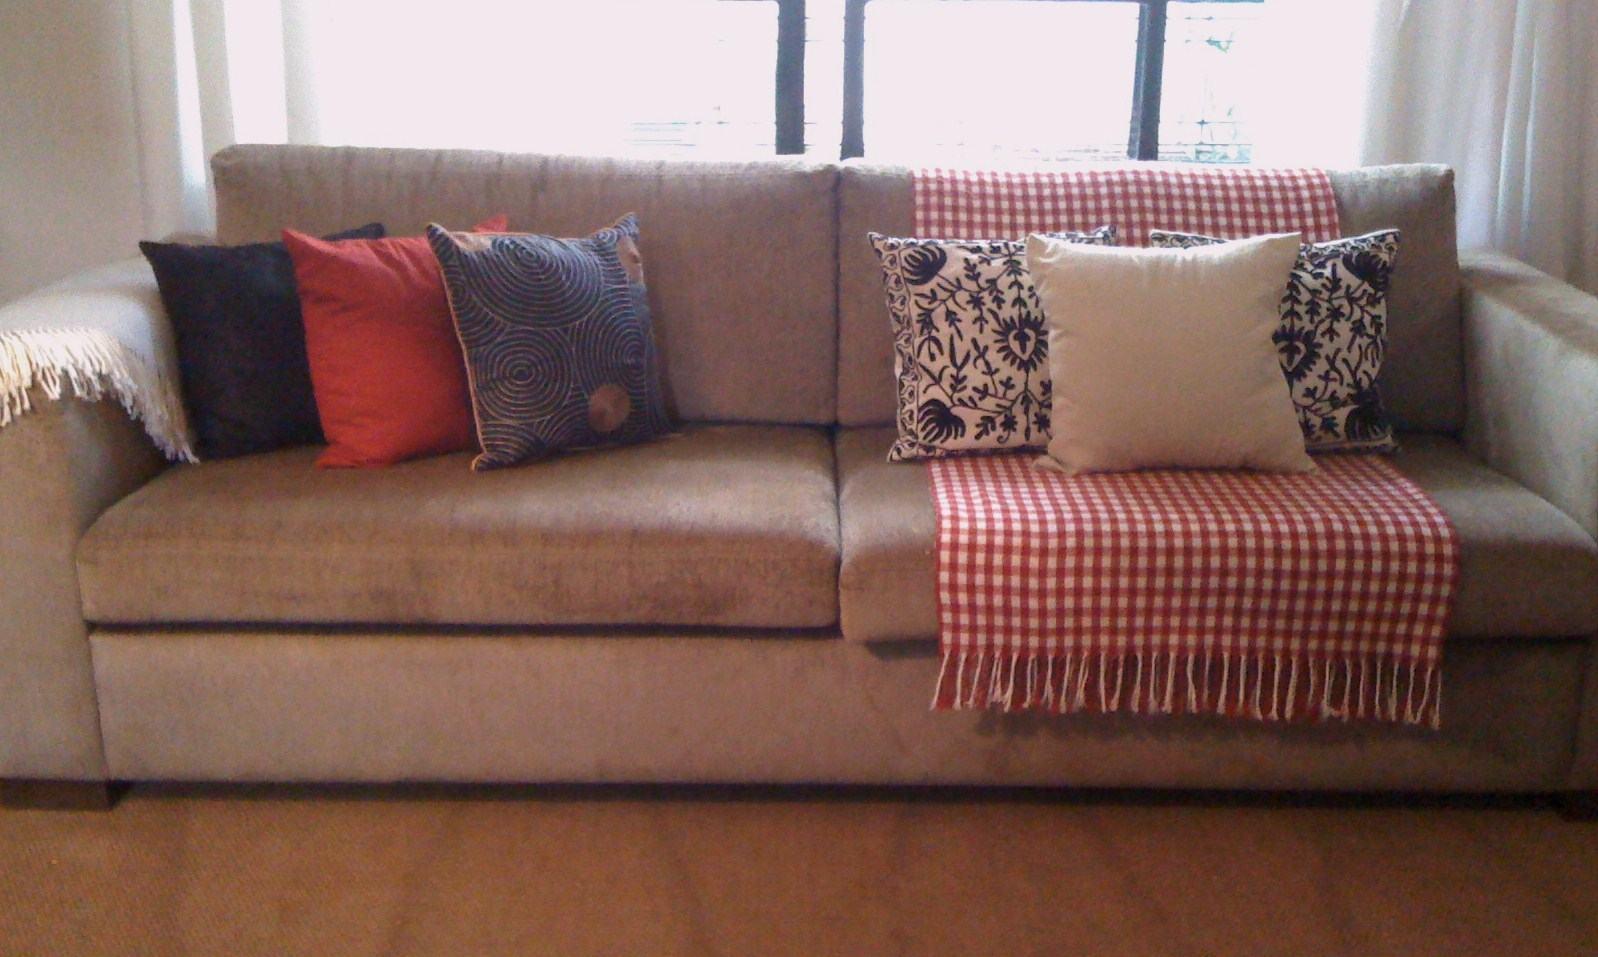 ver sofas no olx do es toddler flip out sofa couch bed sofás decorados com almofadas todos os tipos só detalhe